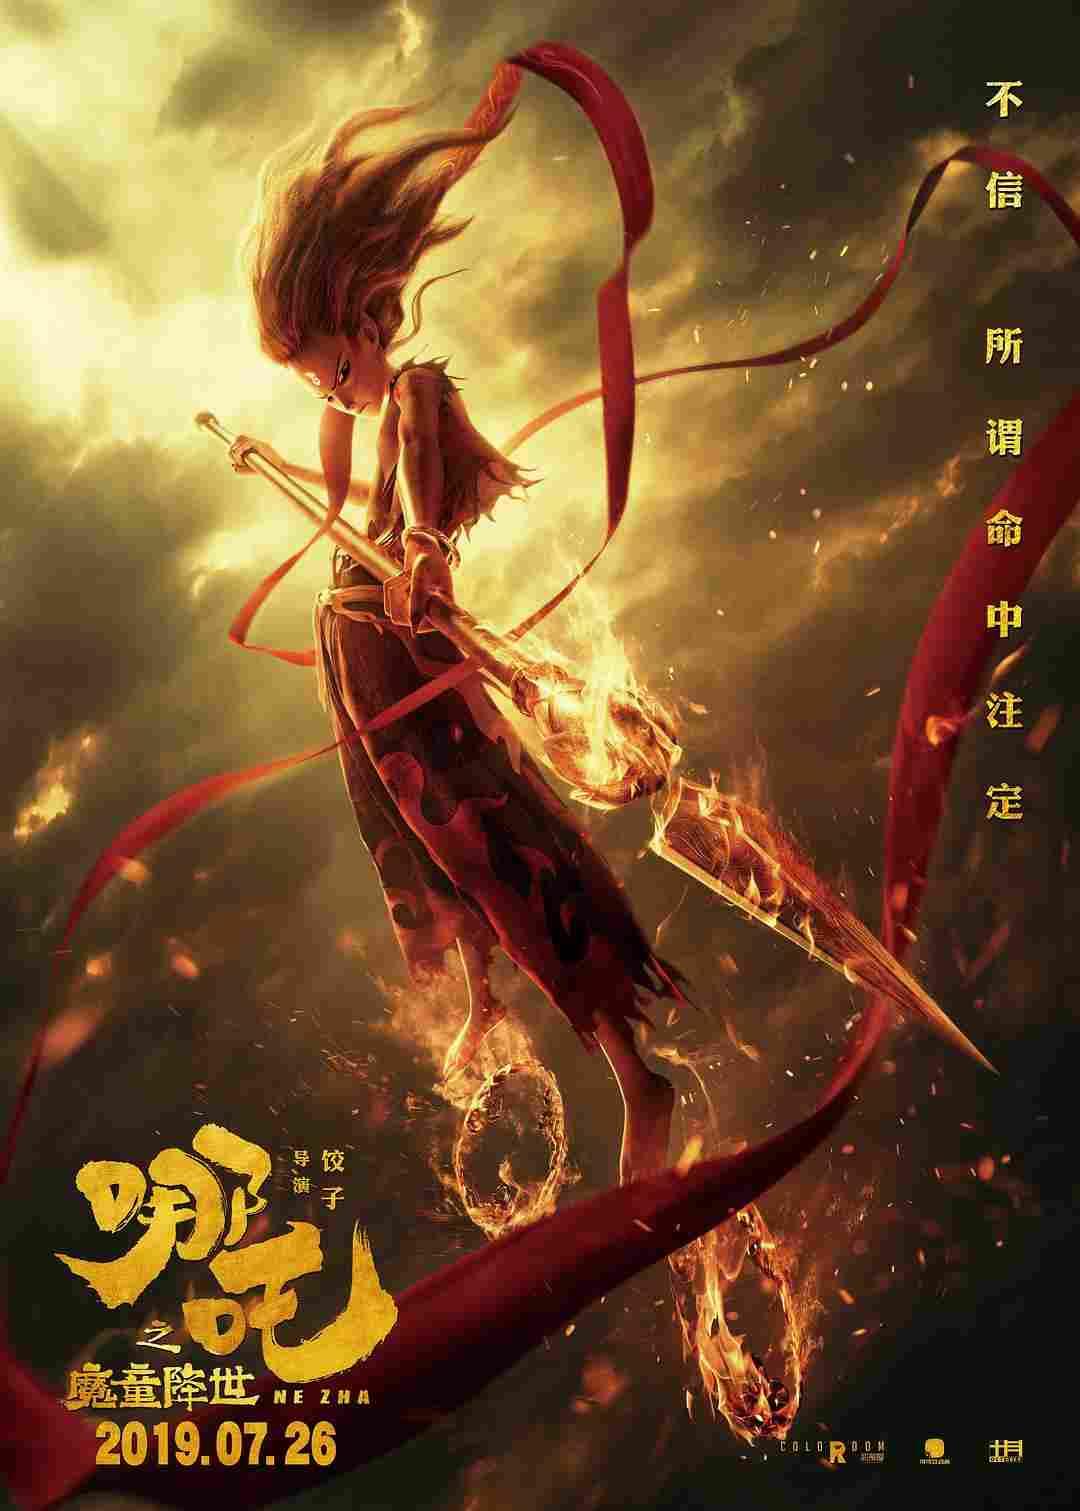 ดูหนัง นาจา (2019) Ne Zha ดูหนังออนไลน์ฟรี ดูหนังฟรี ดูหนังใหม่ชนโรง หนังใหม่ล่าสุด หนังแอคชั่น หนังผจญภัย หนังแอนนิเมชั่น หนัง HD ได้ที่ movie24x.com